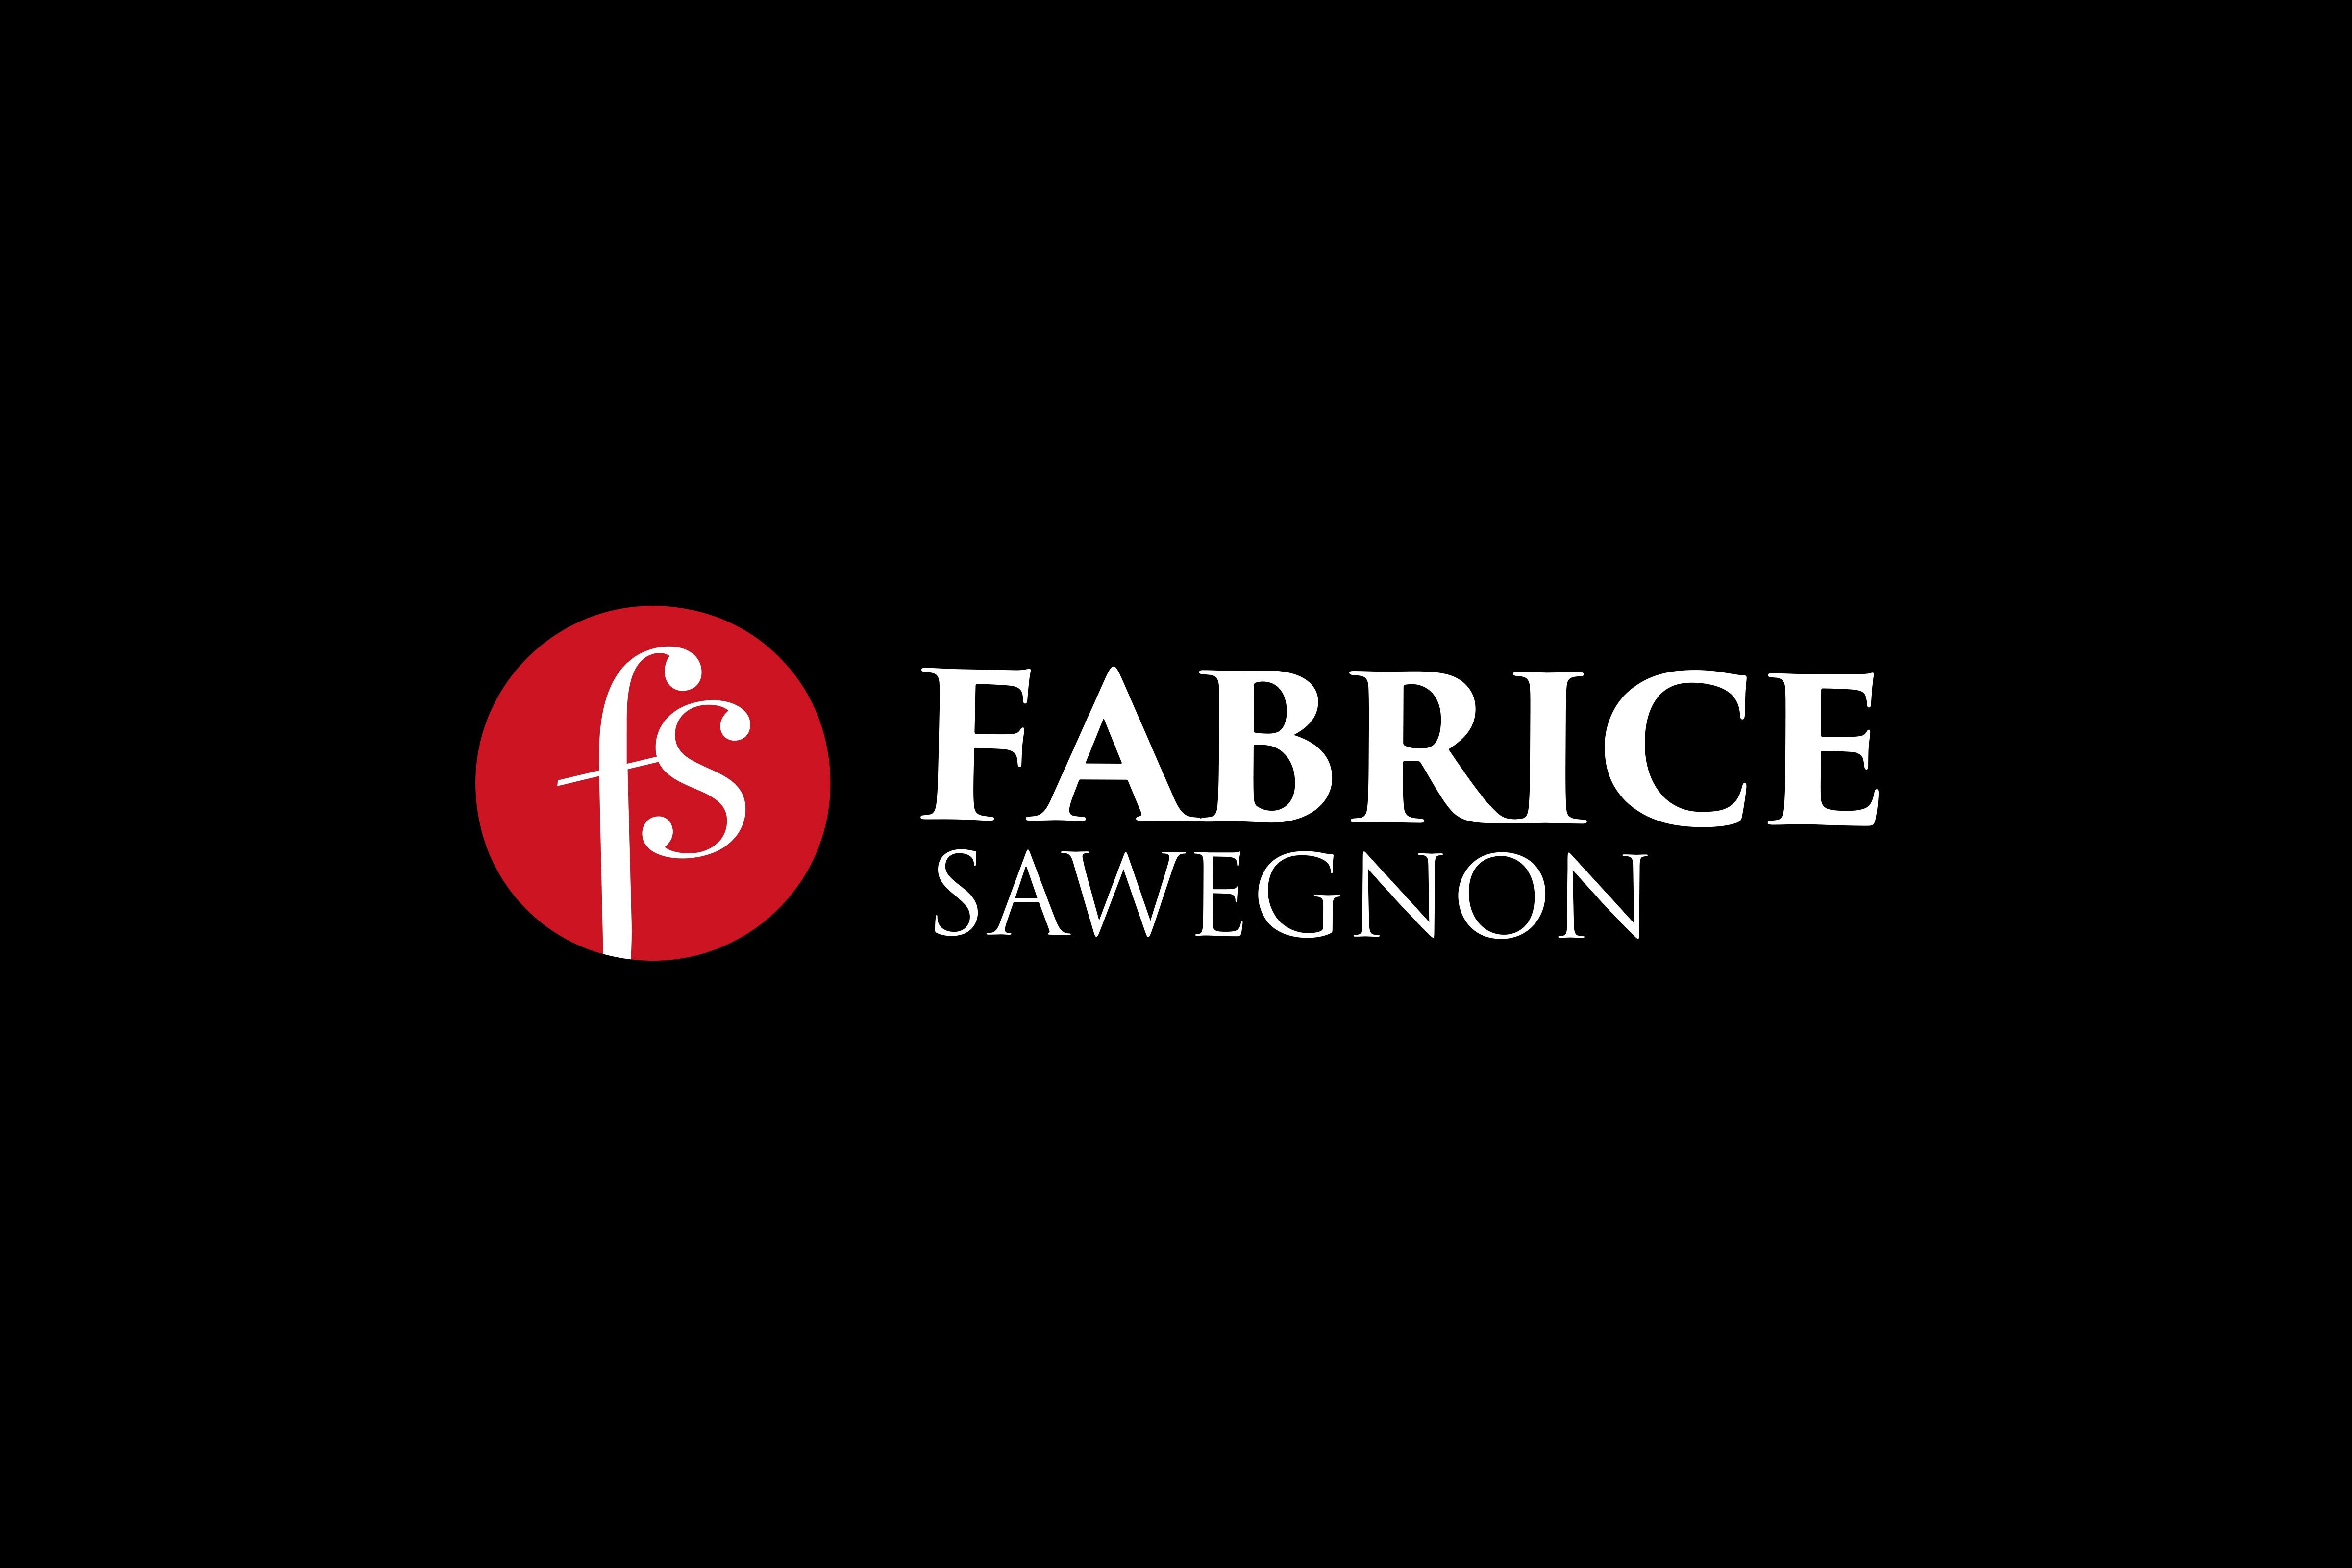 logo Fabrice Sawegnon